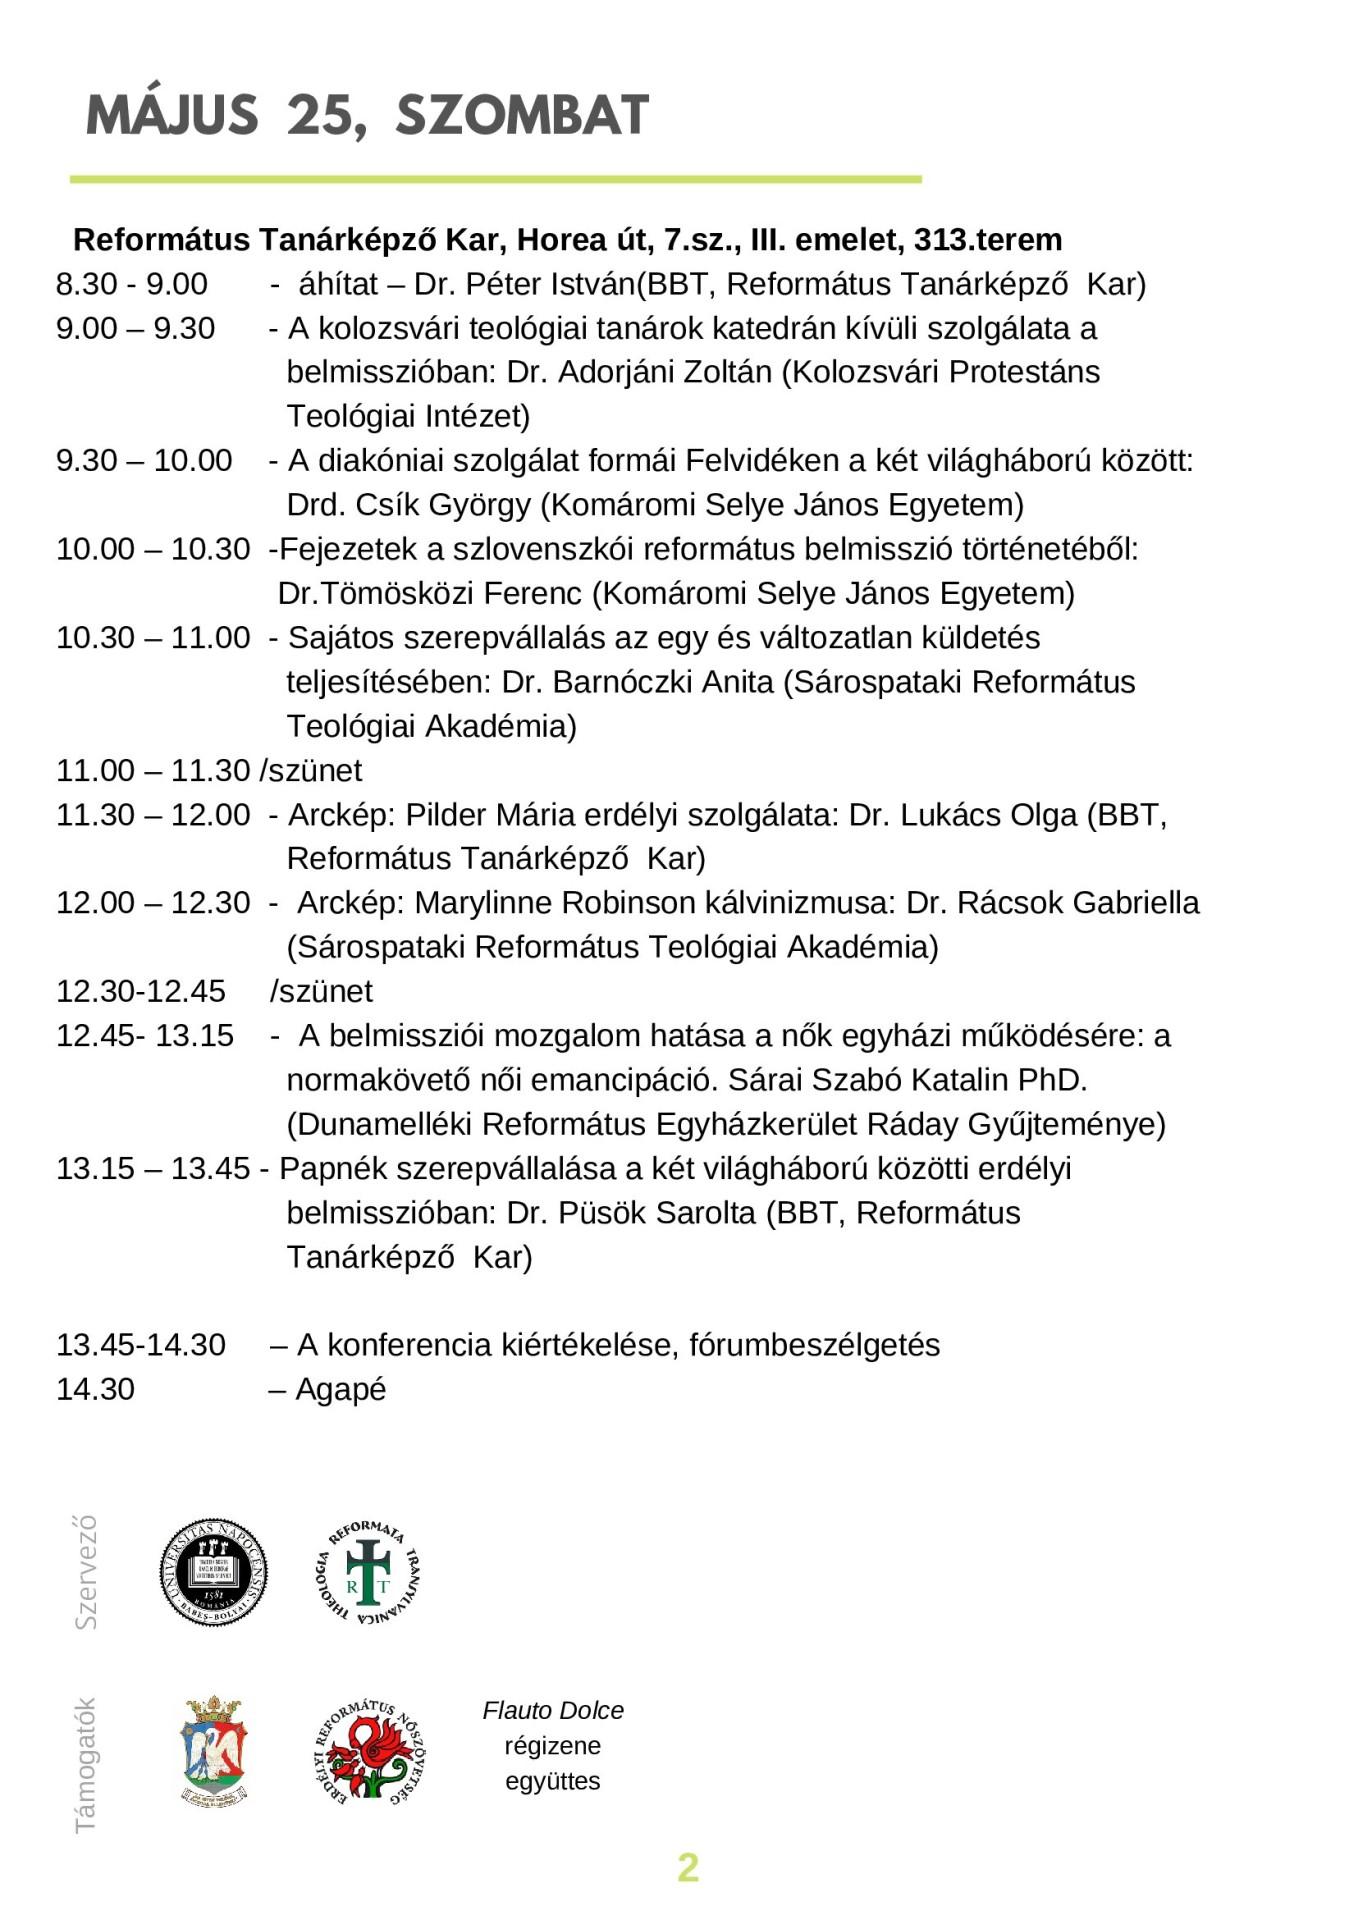 Konferenciával ünneplik a Református Családot Kolozsváron